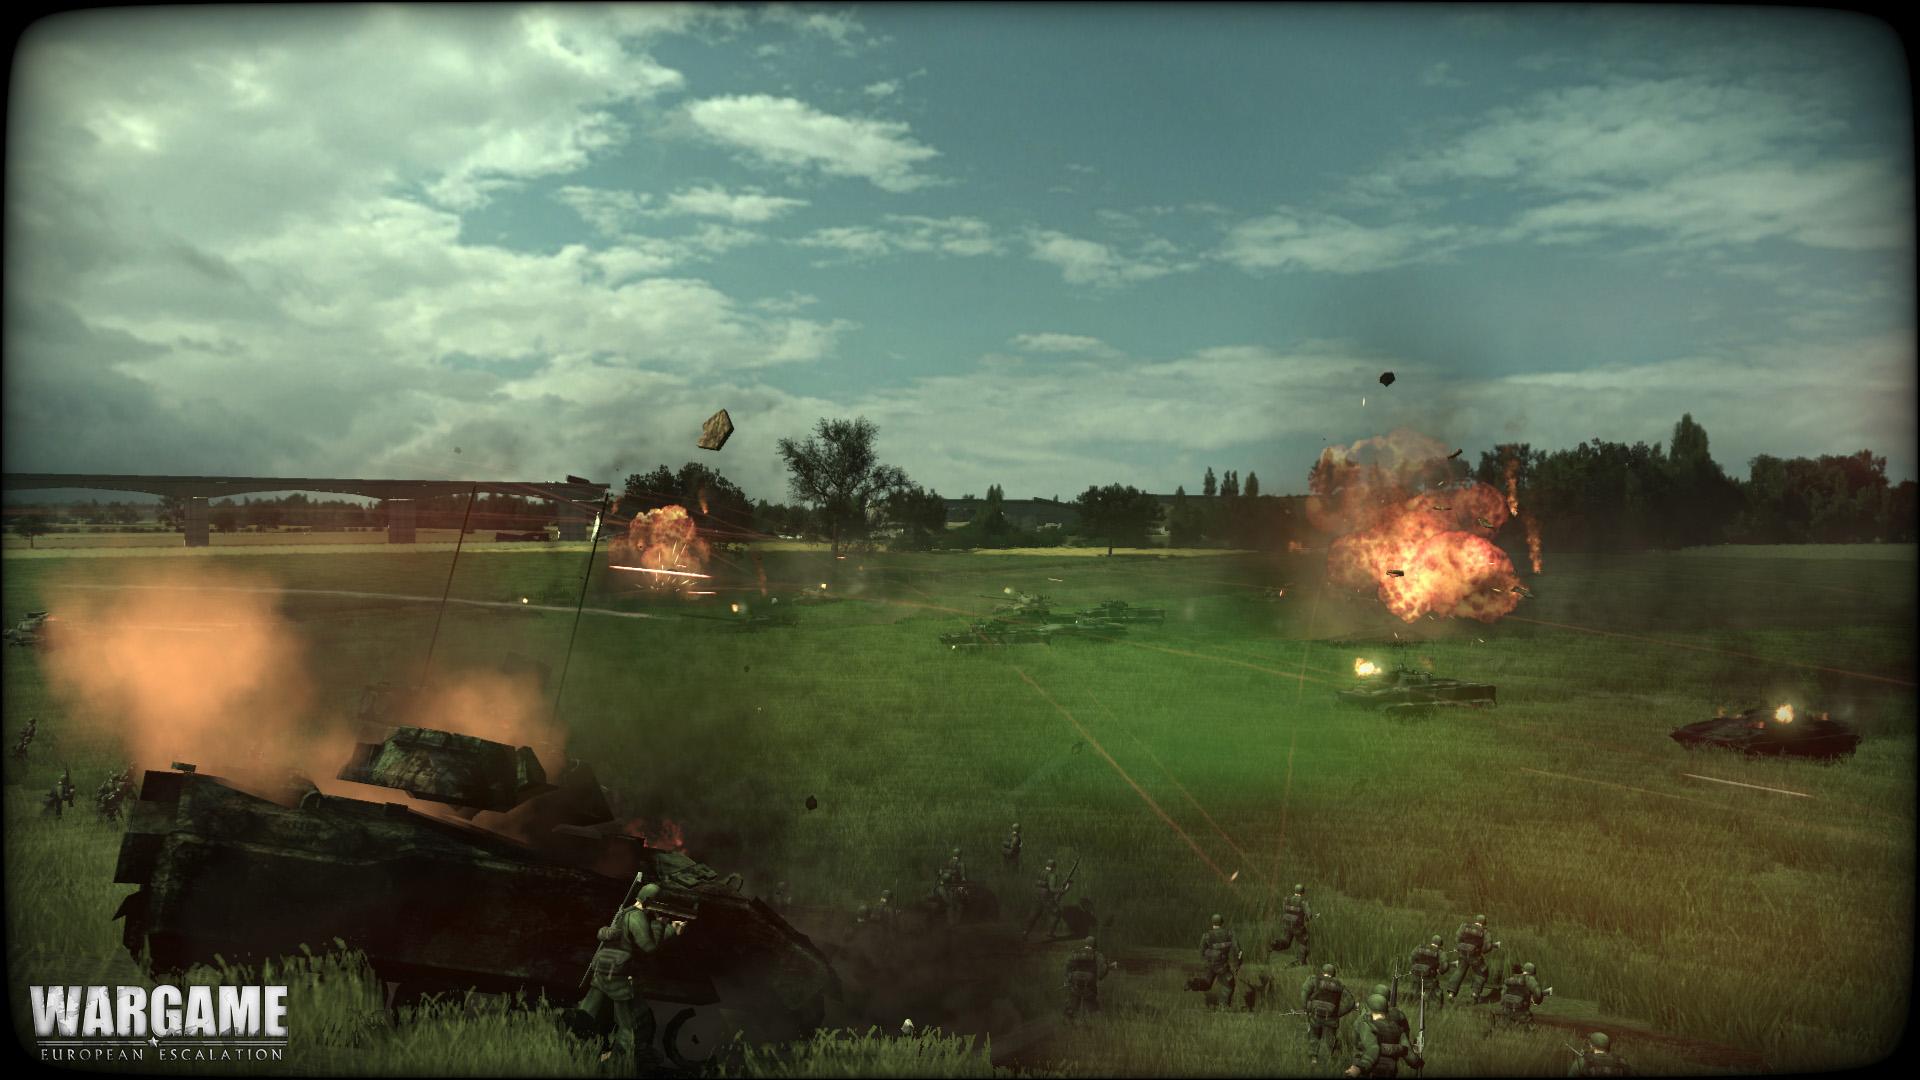 Československé jednotky se připravují na válku ve Wargame 60413